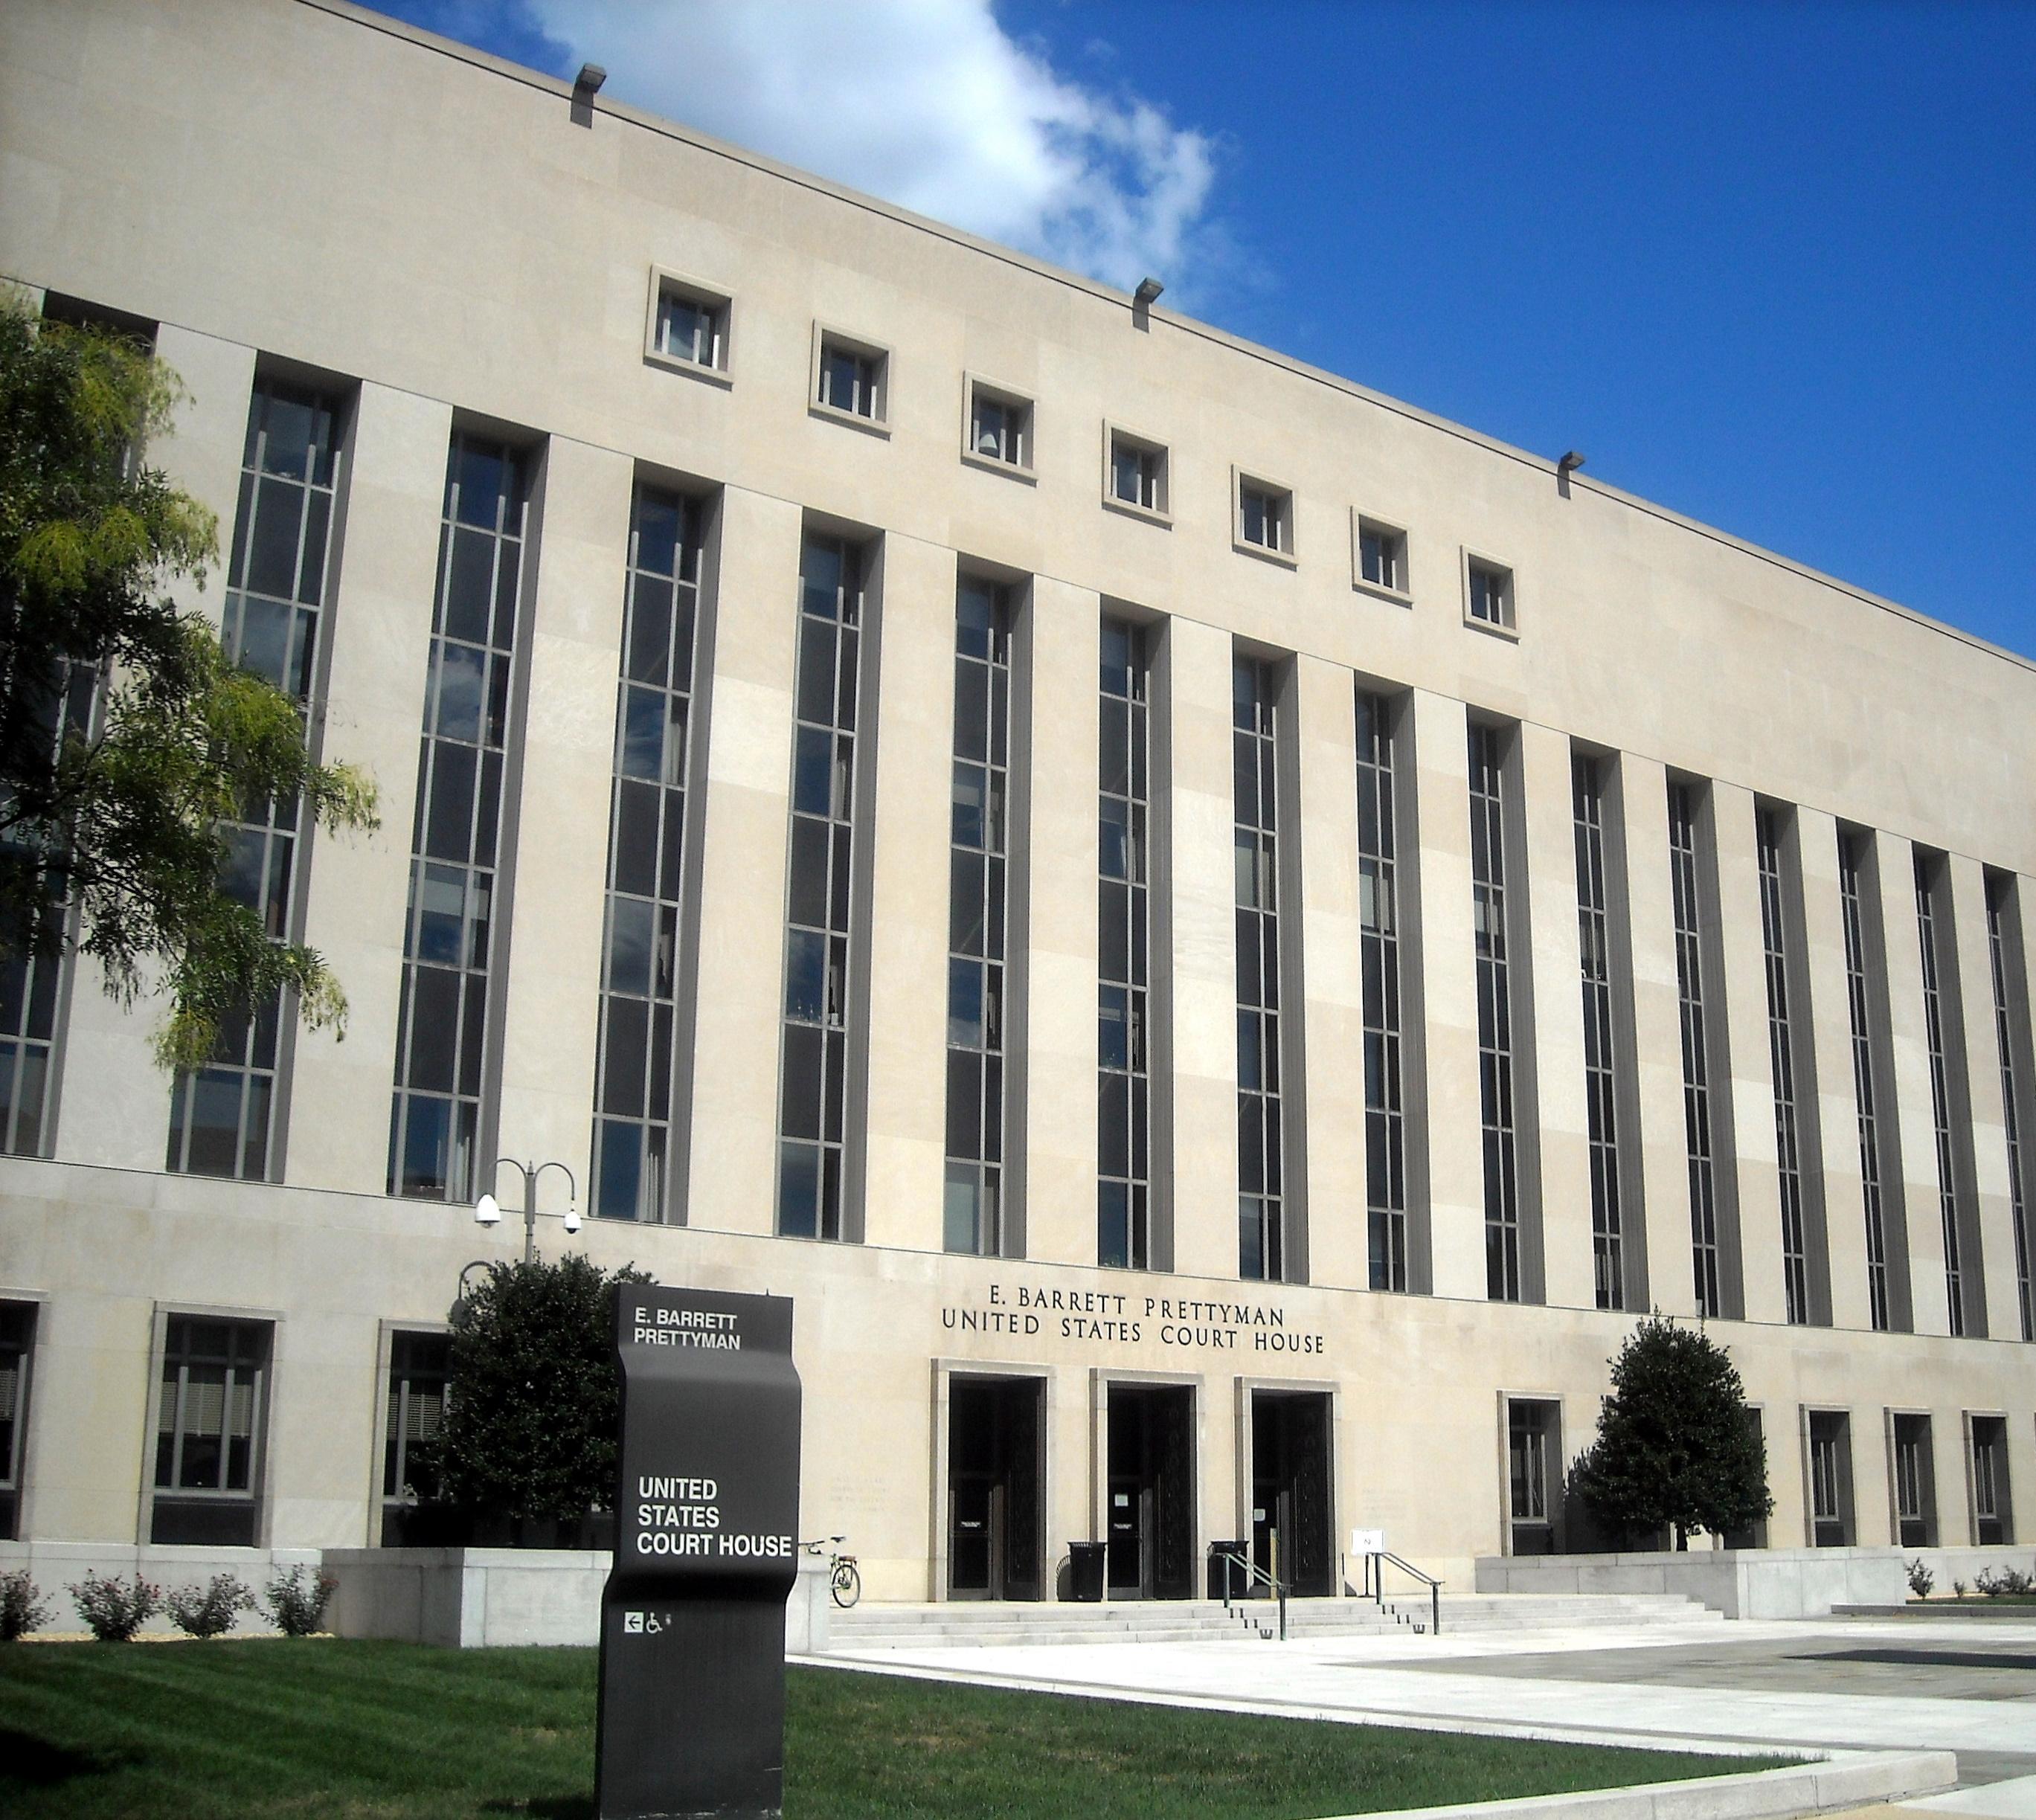 Der Sitz des FISA Courts in Washington DC. Bild: AgnosticPreachersKid. Lizenz: Creative Commons BY-SA 3.0.